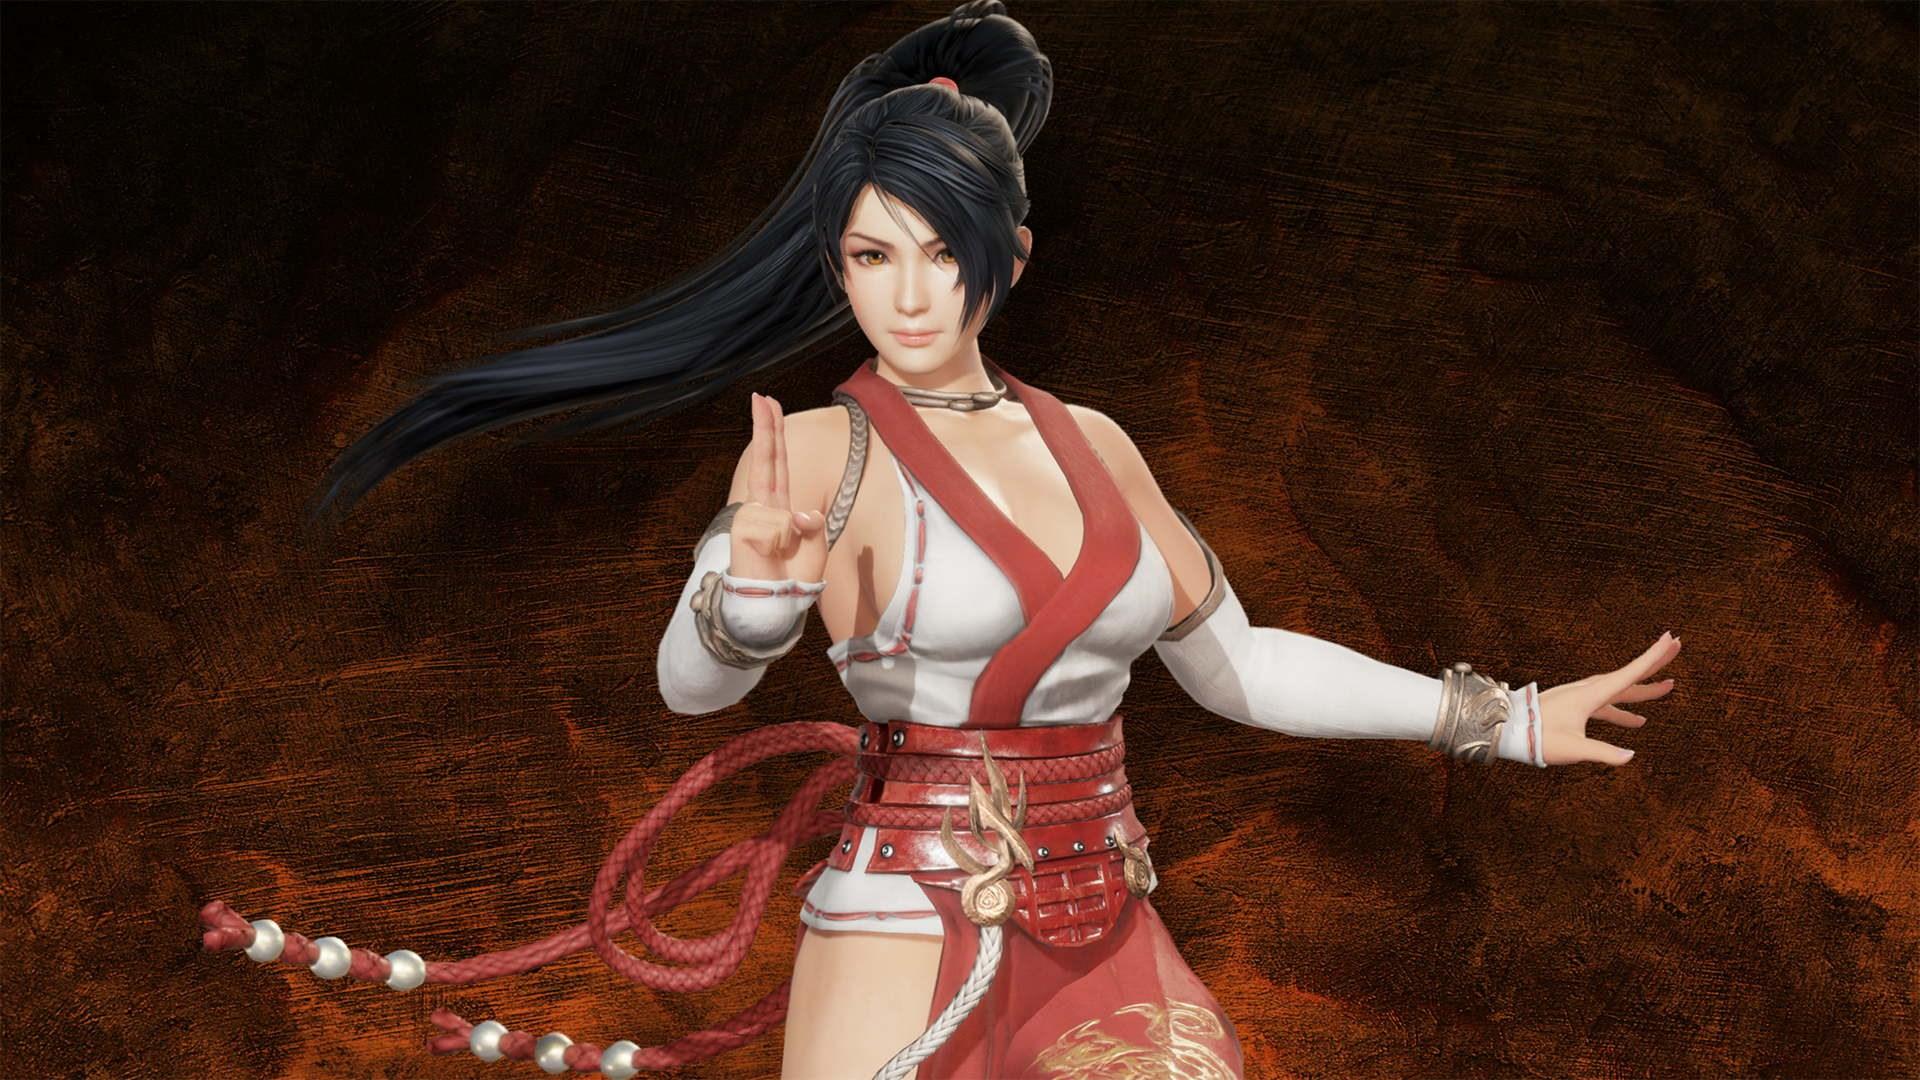 DOA6 Character: Momiji